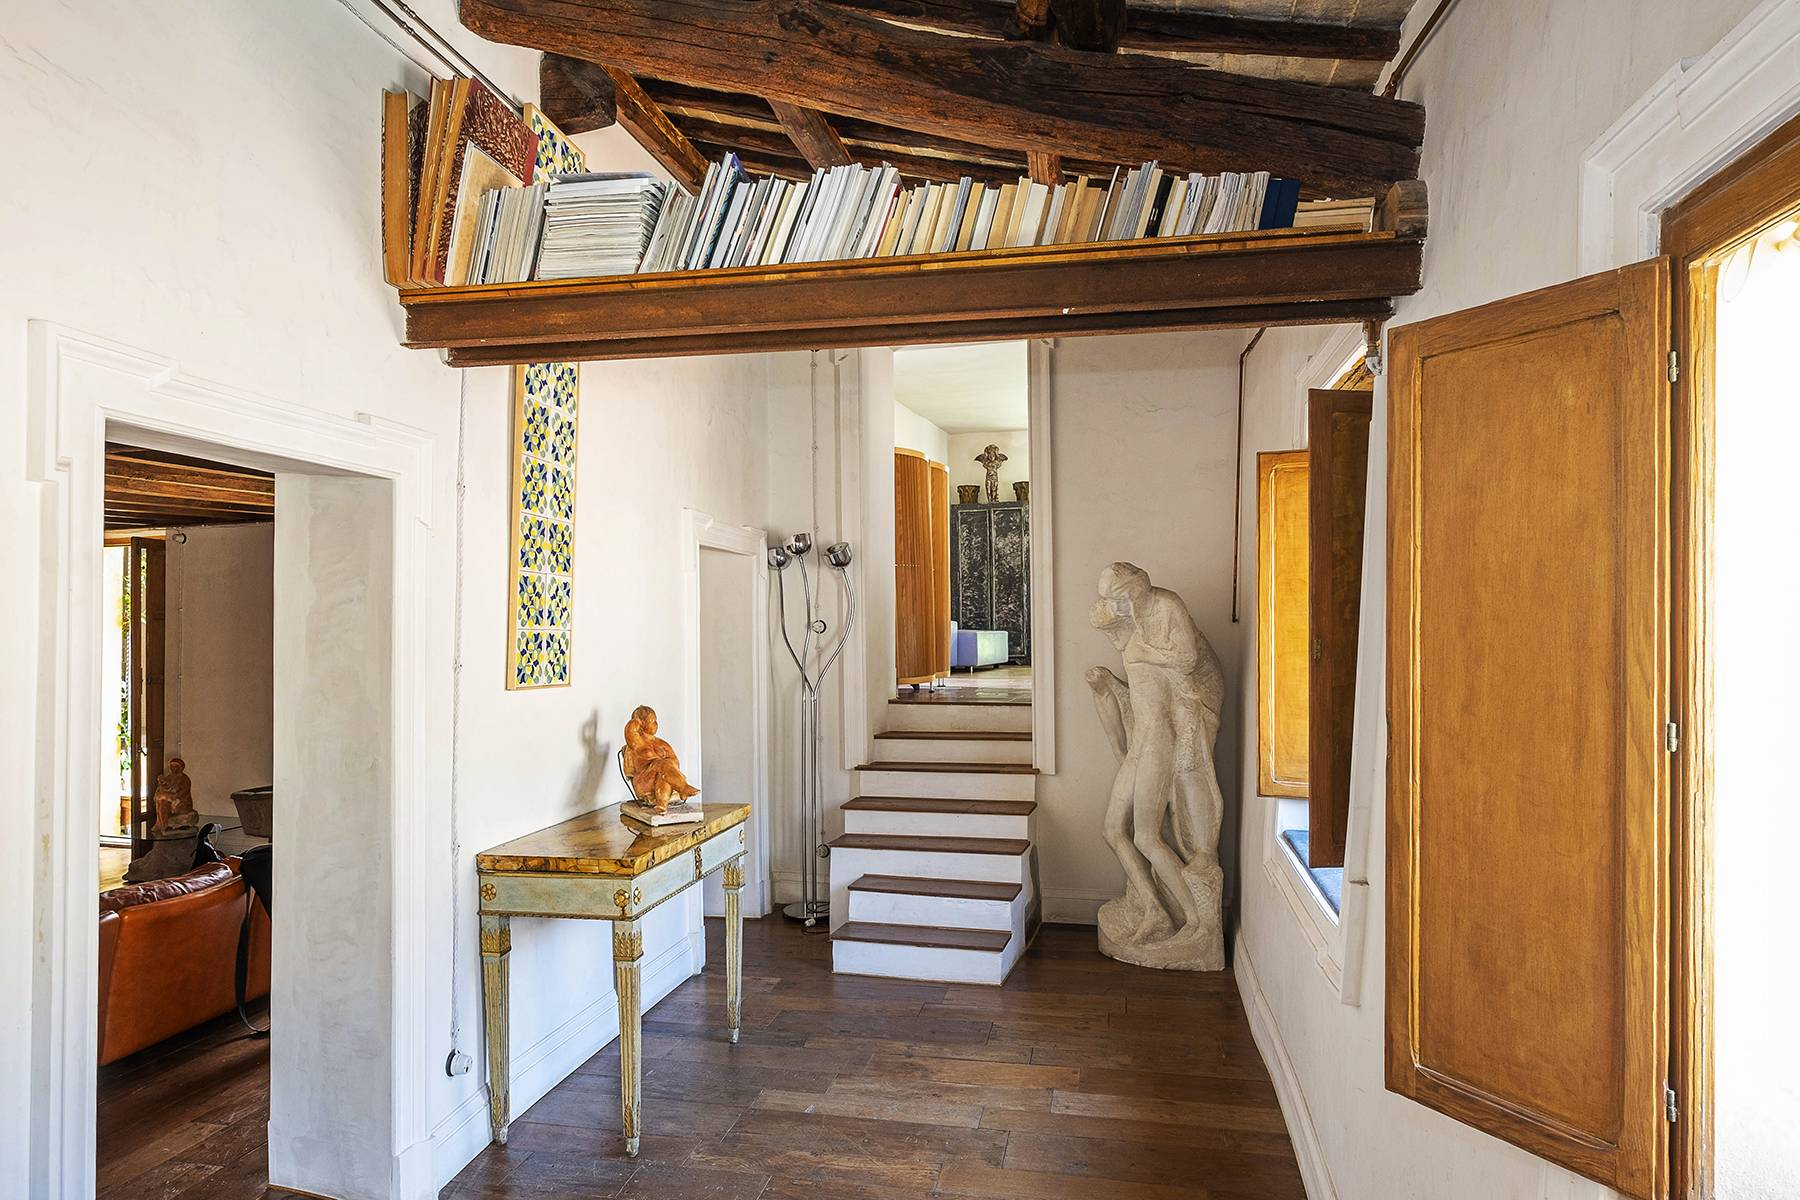 Splendido attico ristrutturato con giardini pensili panoramici - 11